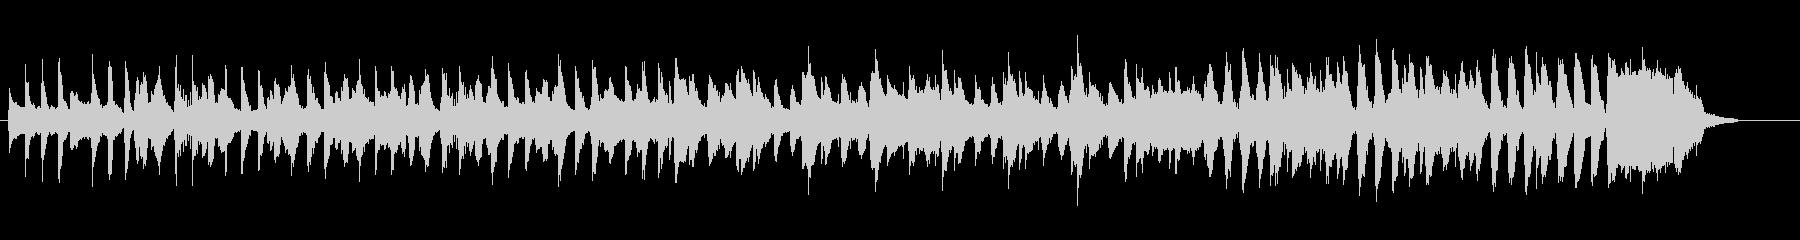 ほっこり かわいい ほのぼの 口笛BGMの未再生の波形